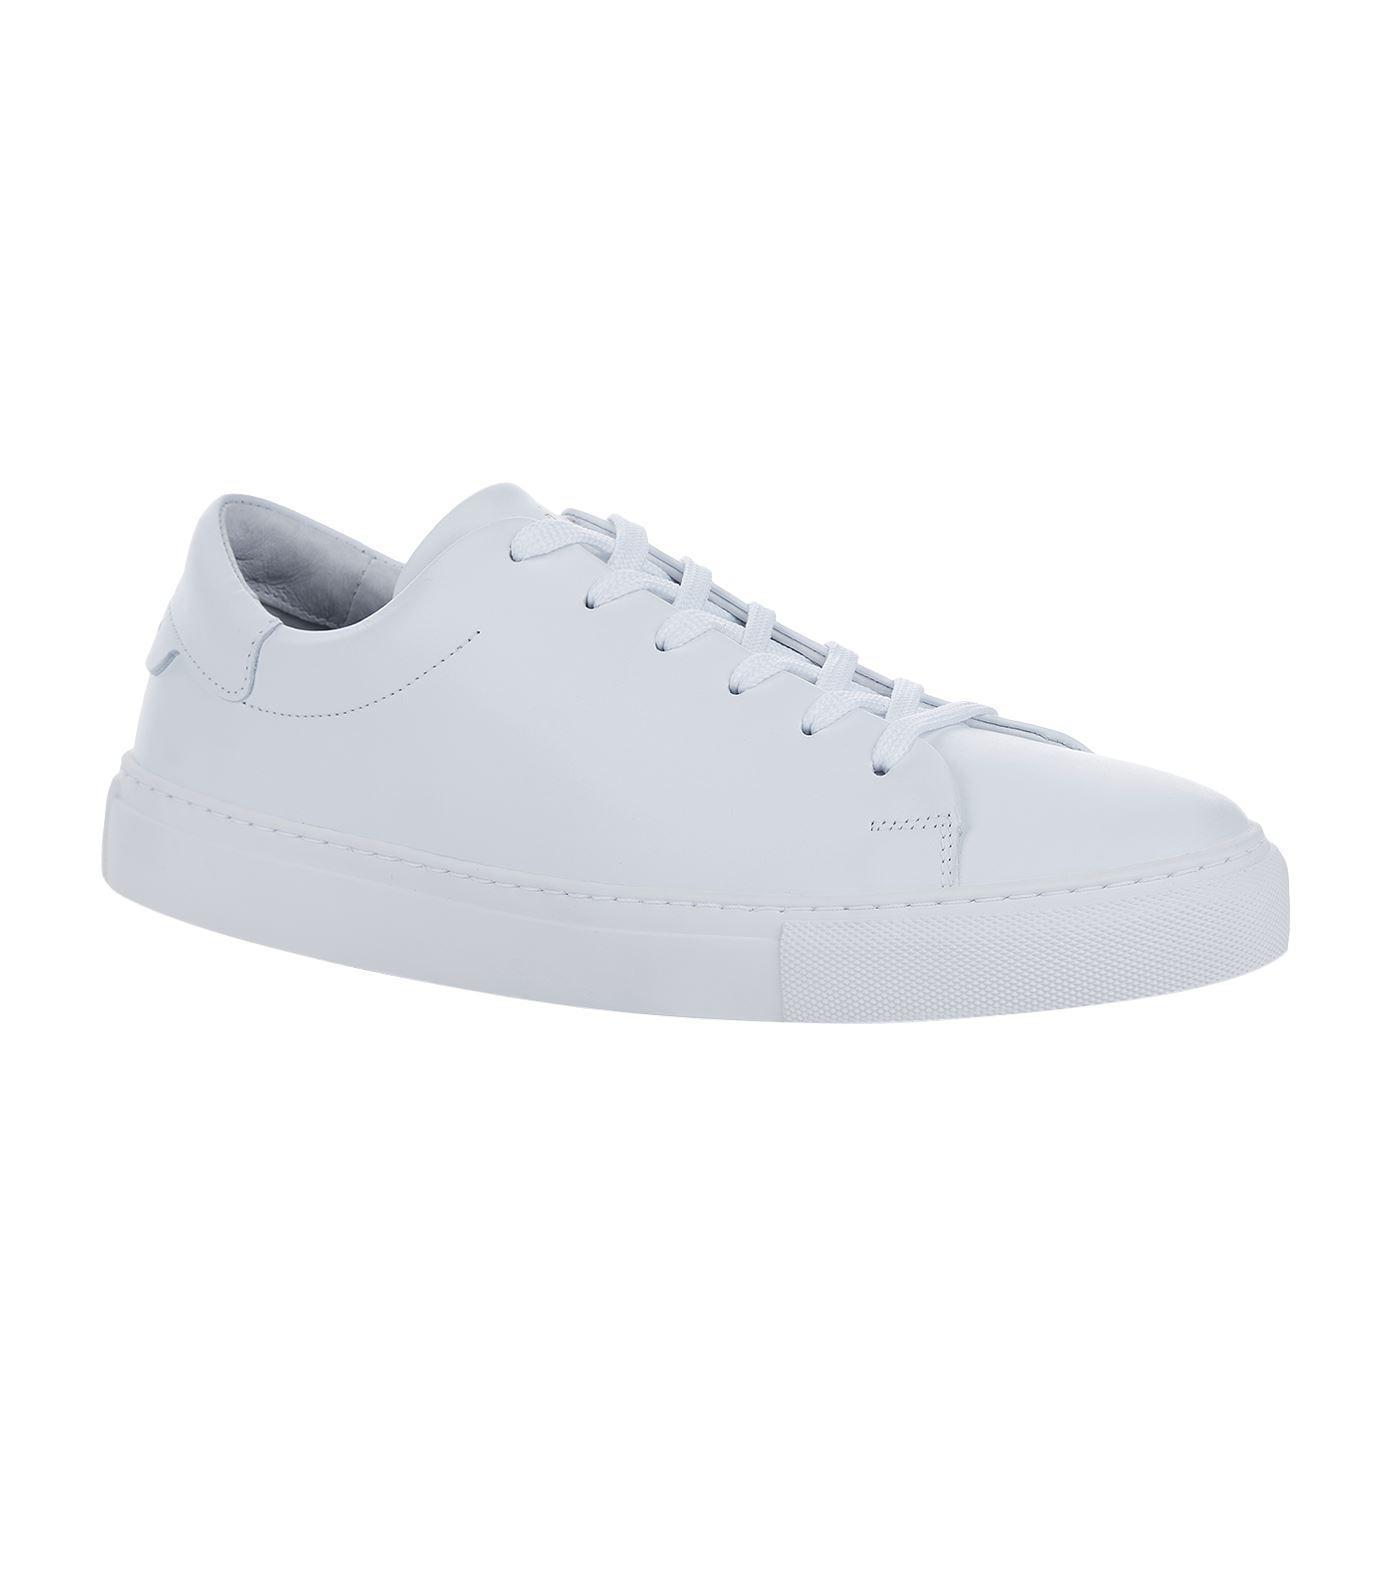 FOOTWEAR - Low-tops & sneakers Sandro gfyejUIM